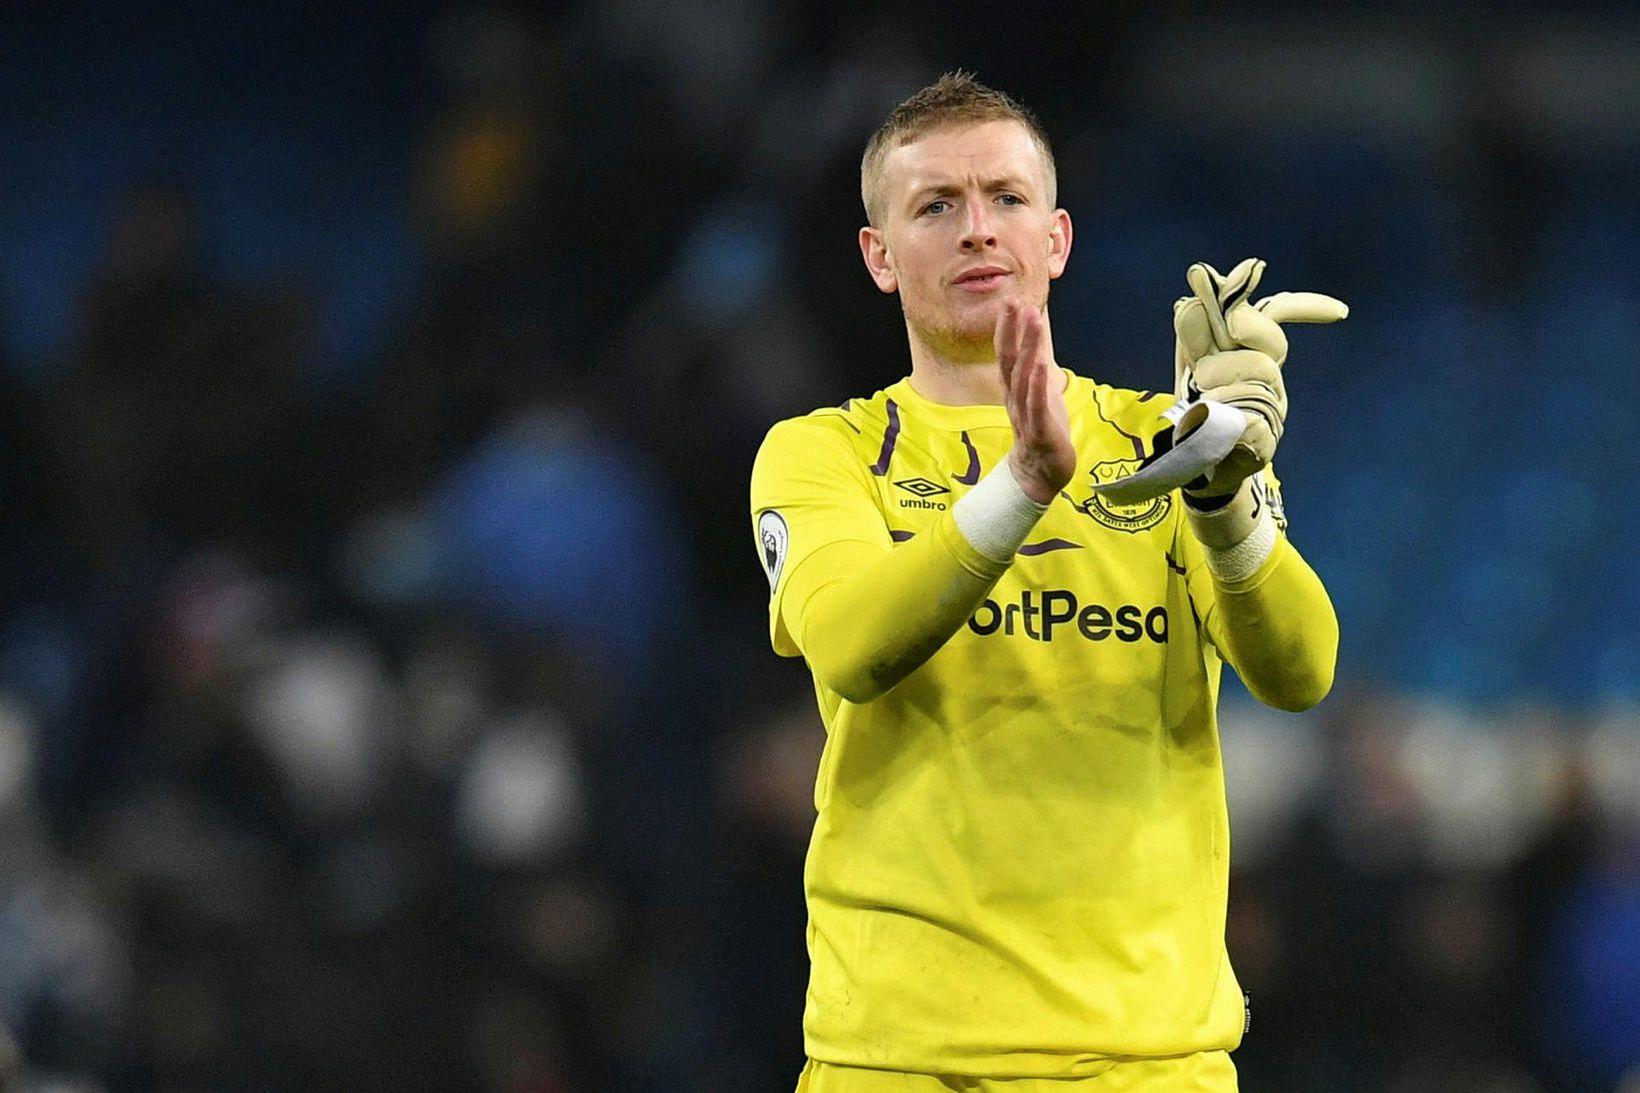 Jordan Pickford markvörður Everton hefur verið aðalmarkvörður Englands undanfarin tvö …